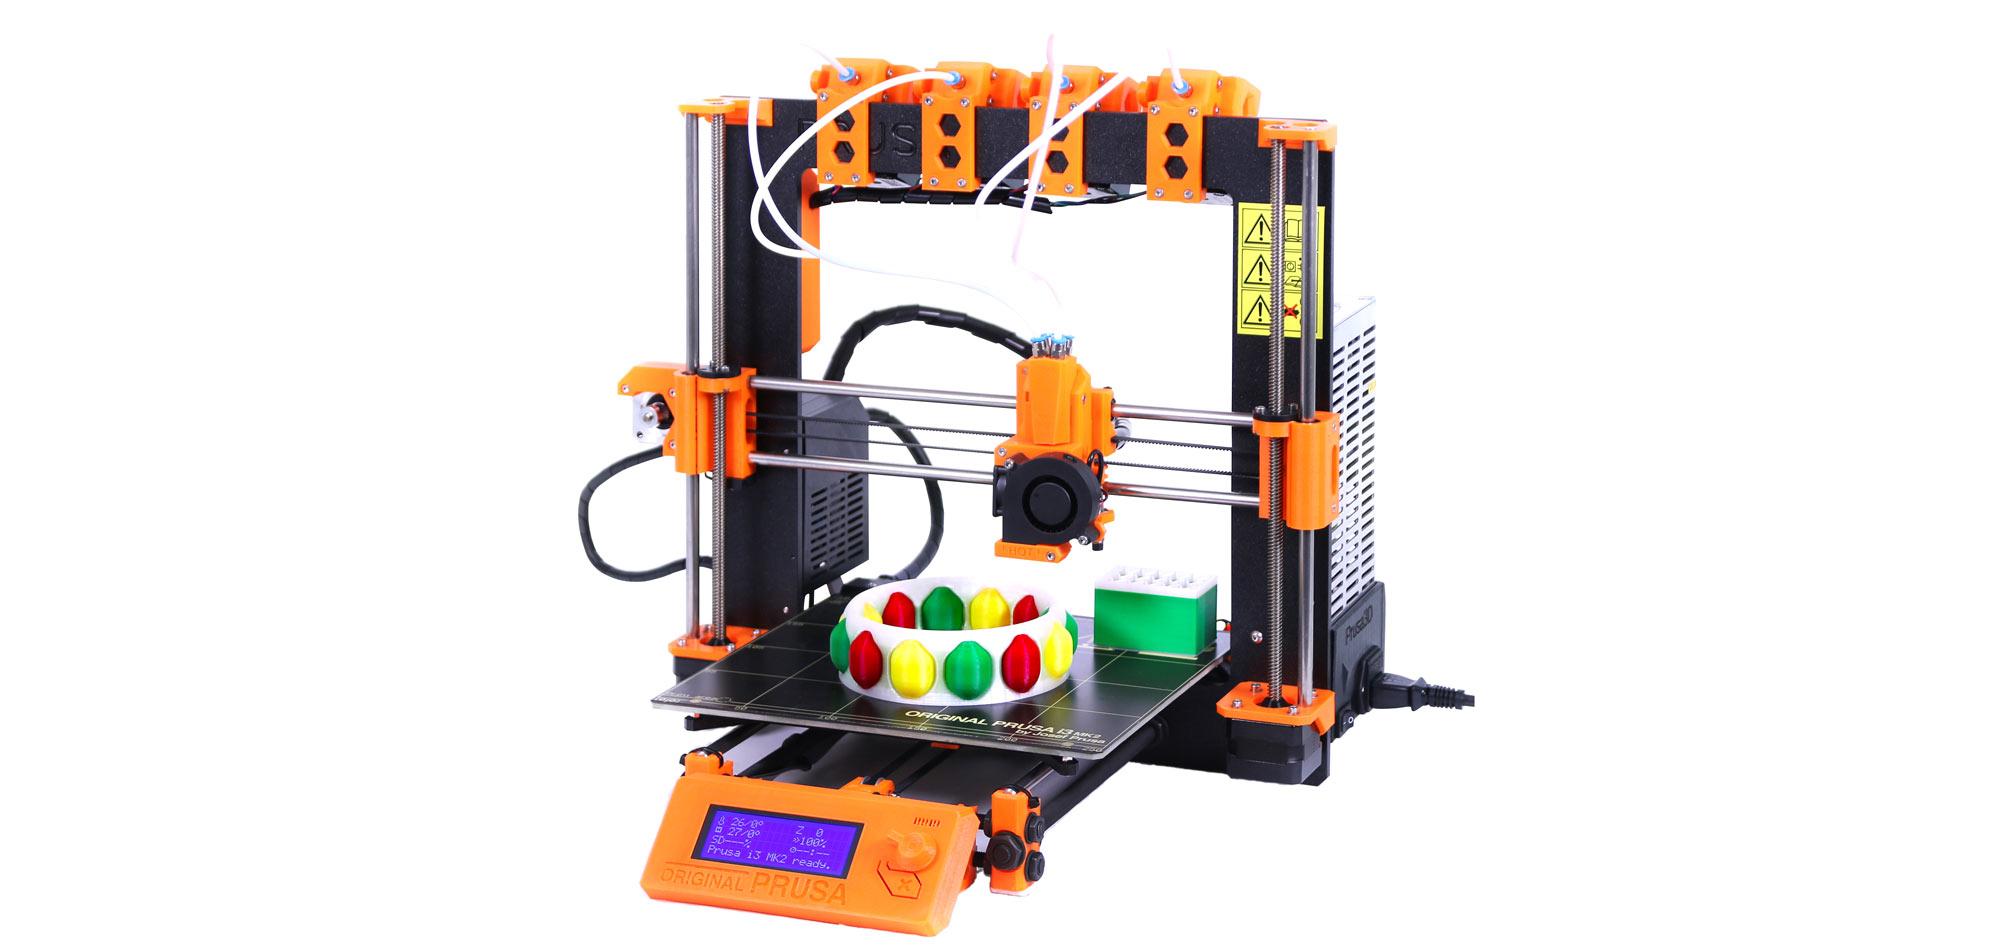 Цветной 3D принтер с одним соплом PRUSA I3 MK2 MULTI MATERIAL. Фото  prusaprinters.org